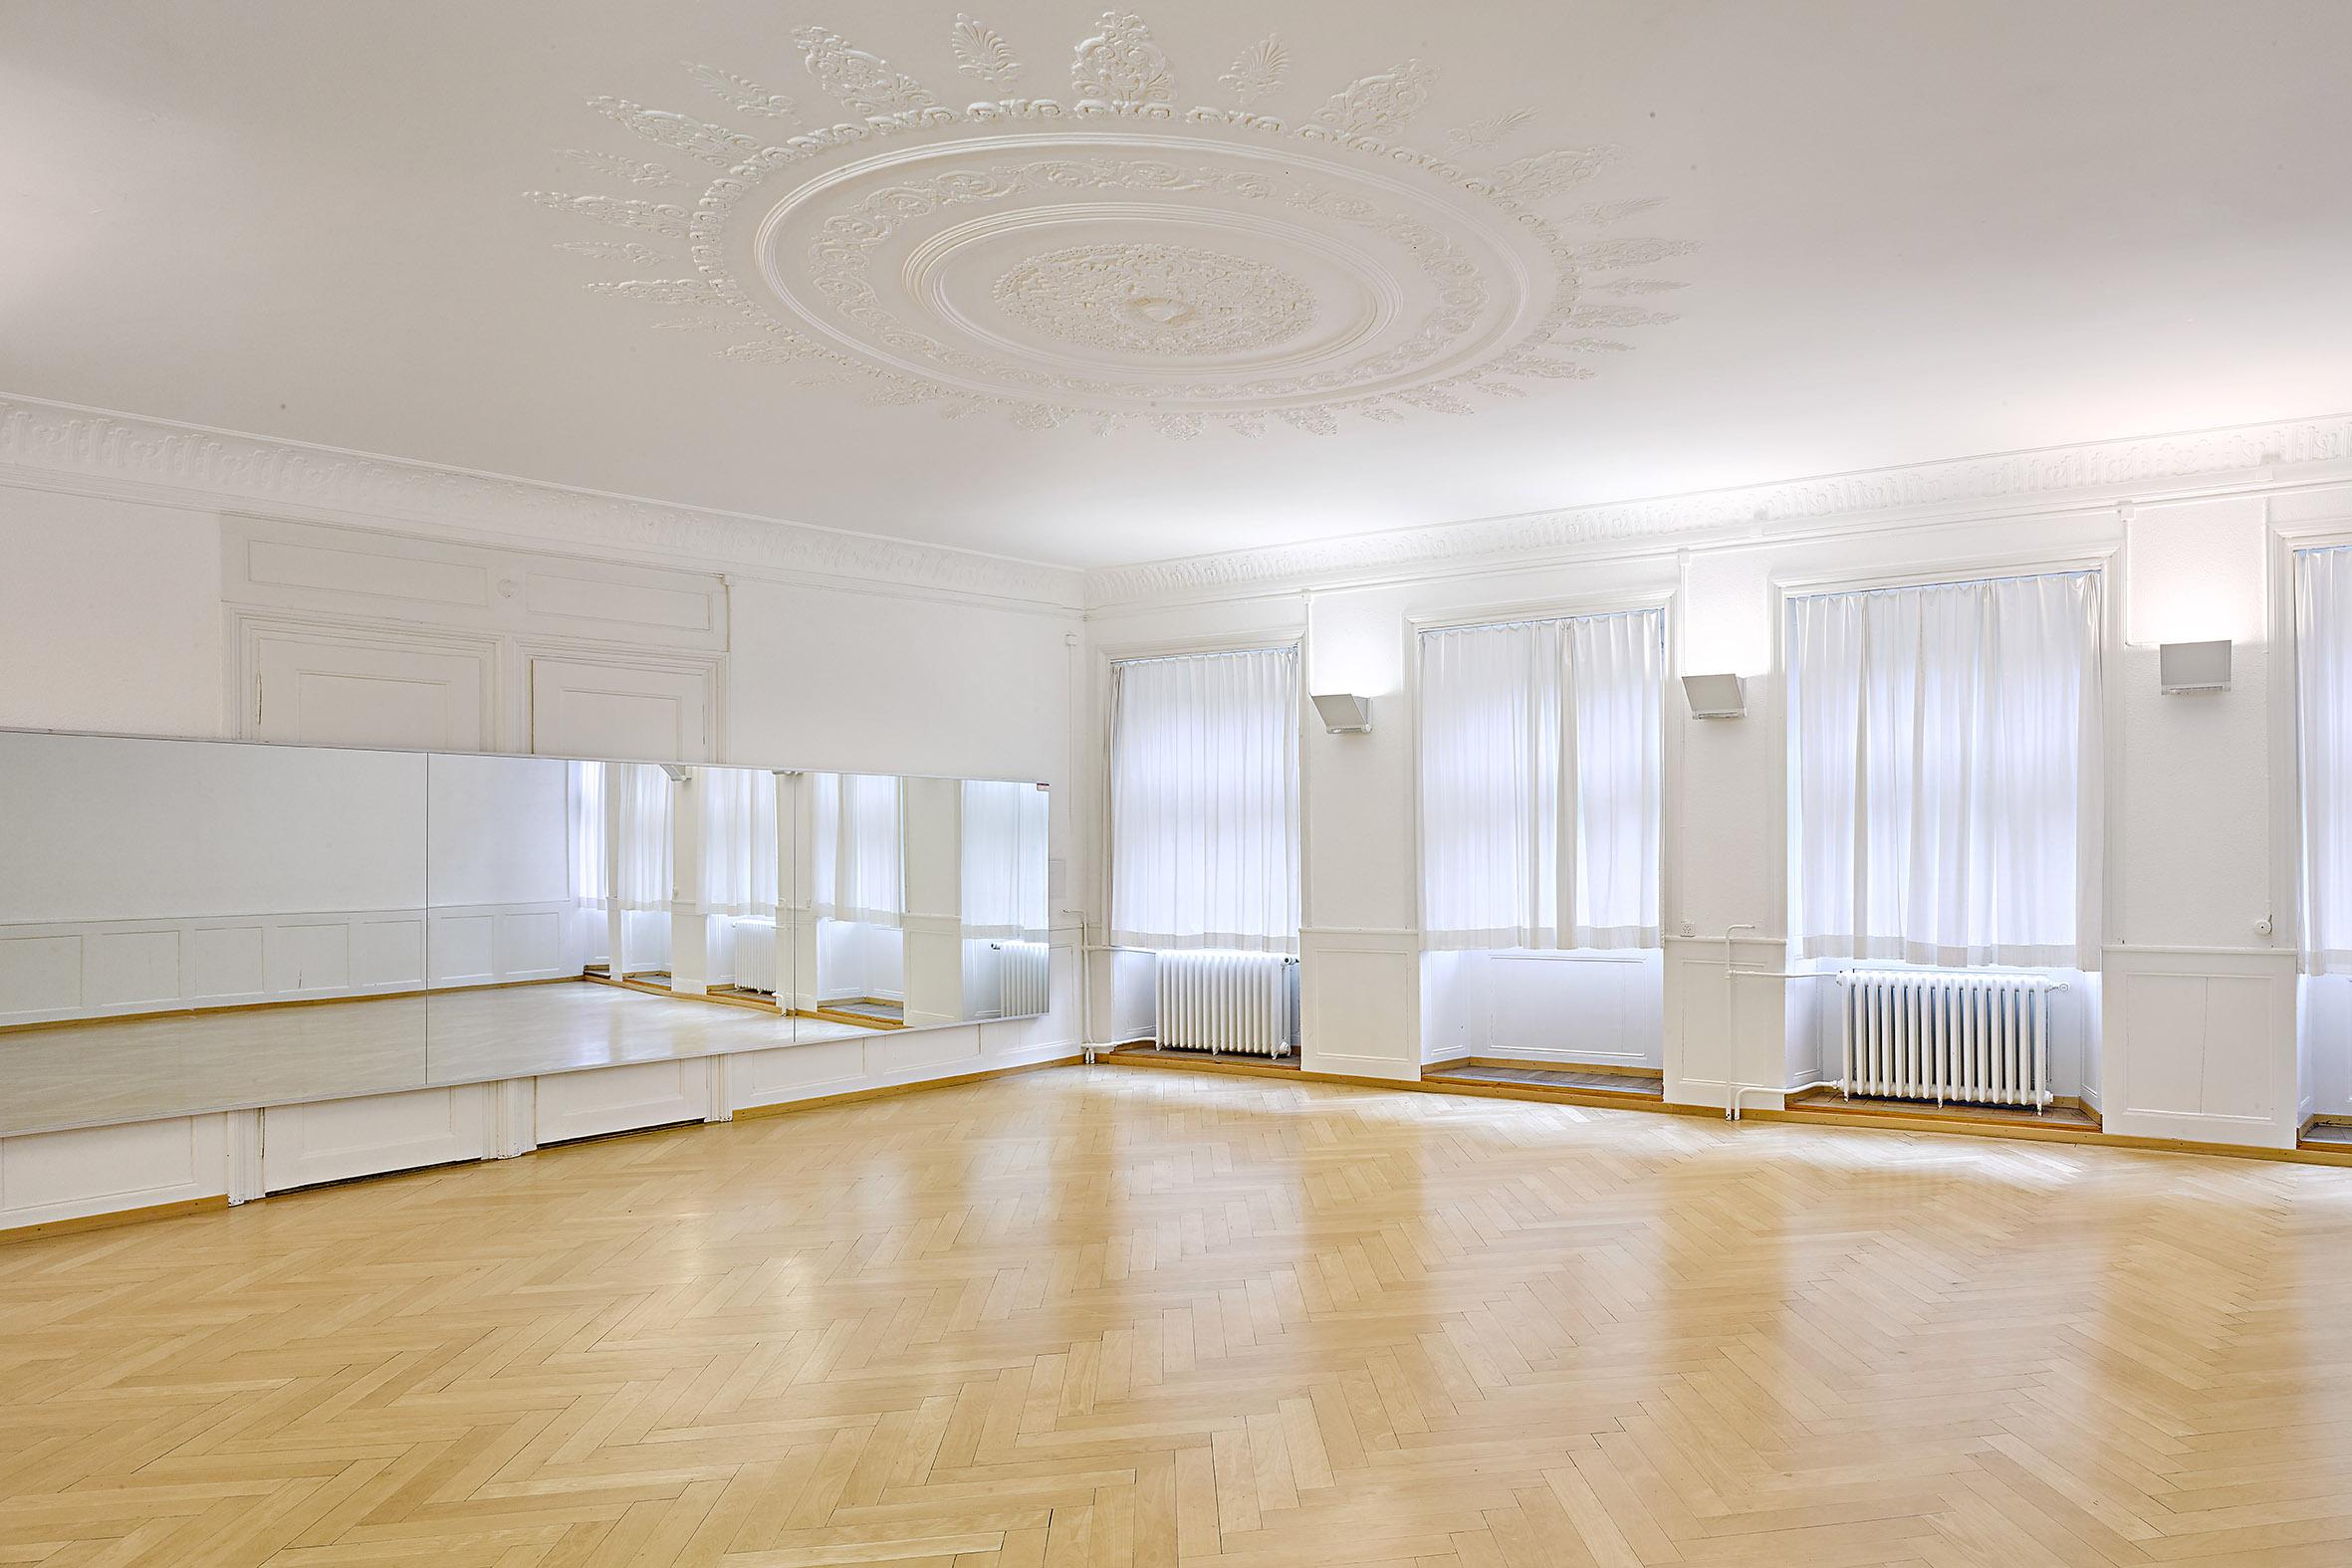 Ein grosser Saal mit weissen Wänden und Holzboden. An der Wand befindet sich ein grosser Spiegel und an der Decke schöner Stuck. Ausserdem tritt viel Tageslicht durch die grossen Fenster.